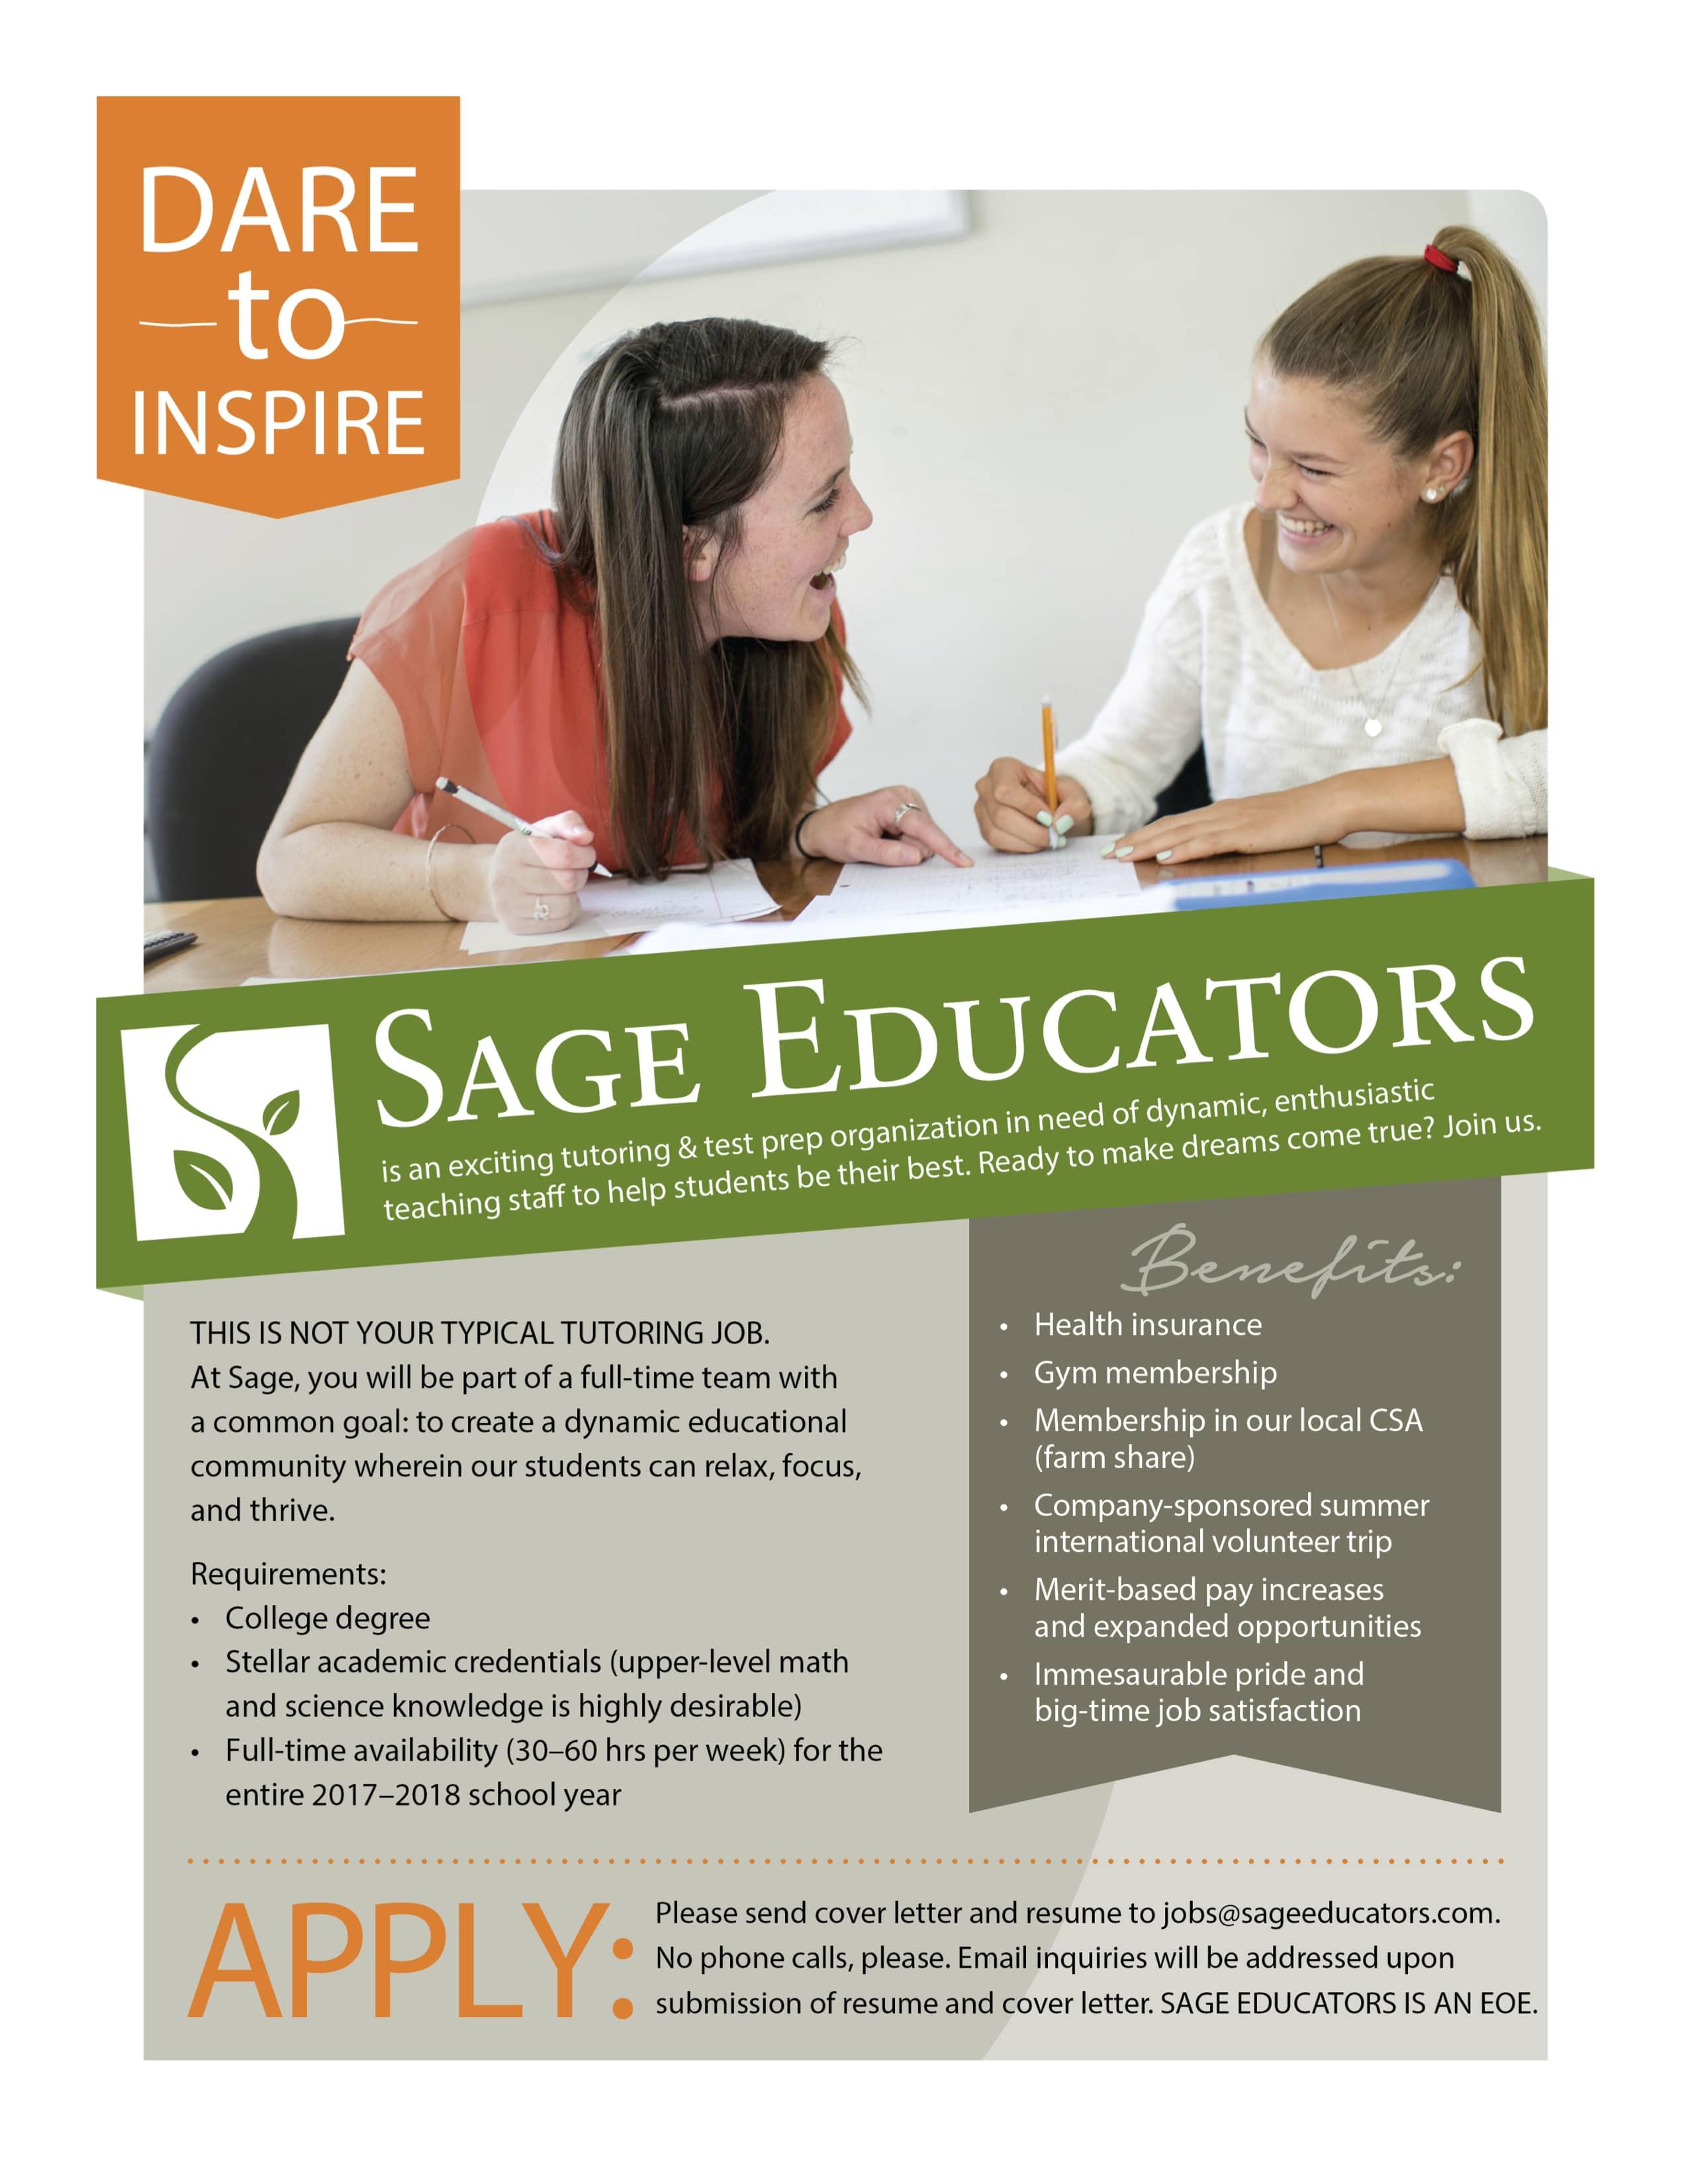 Sage Educators Jobs